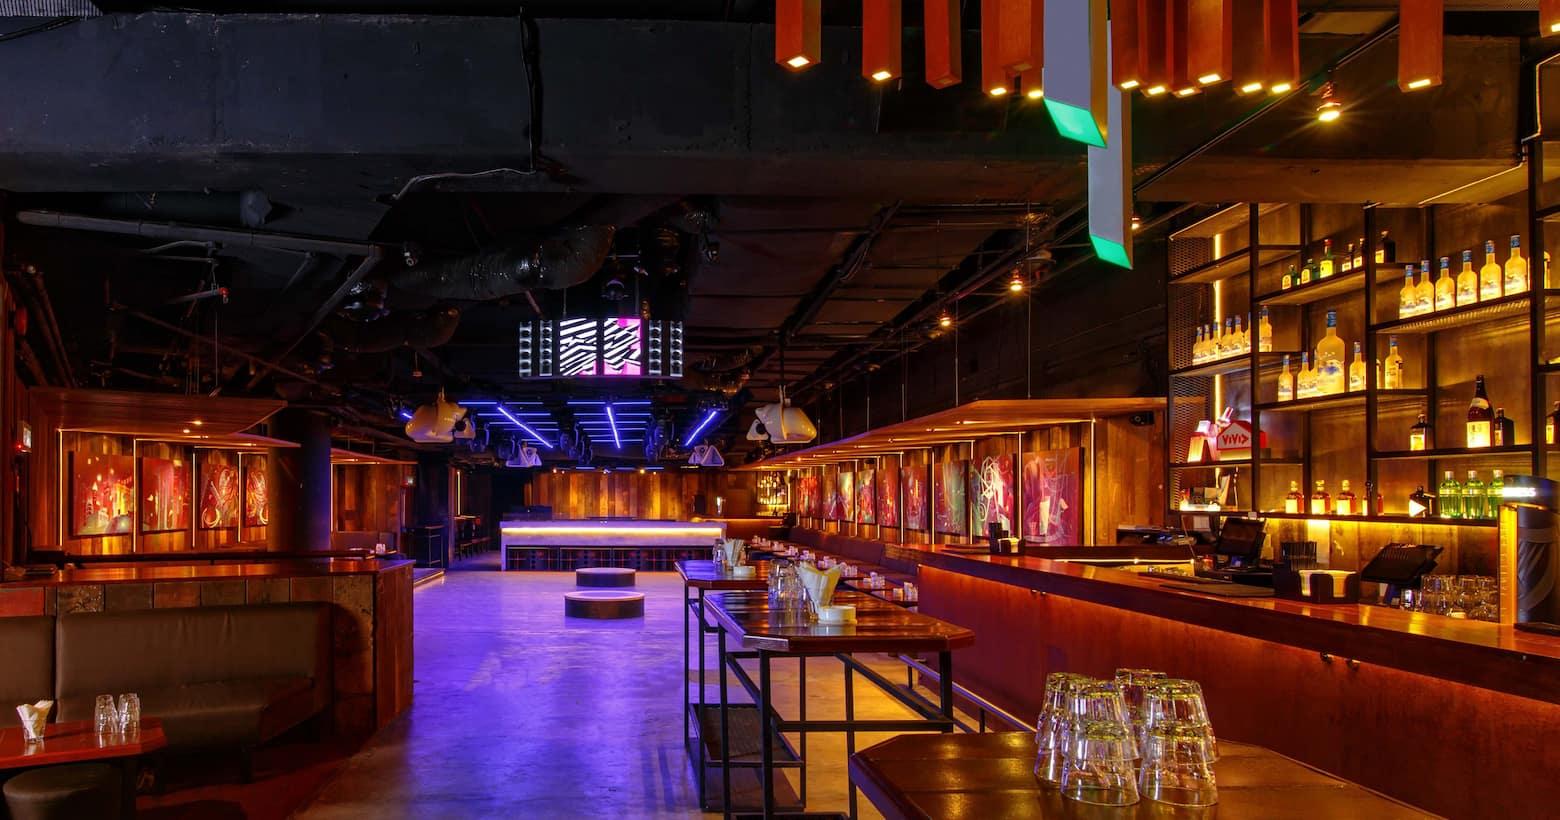 kyo bar